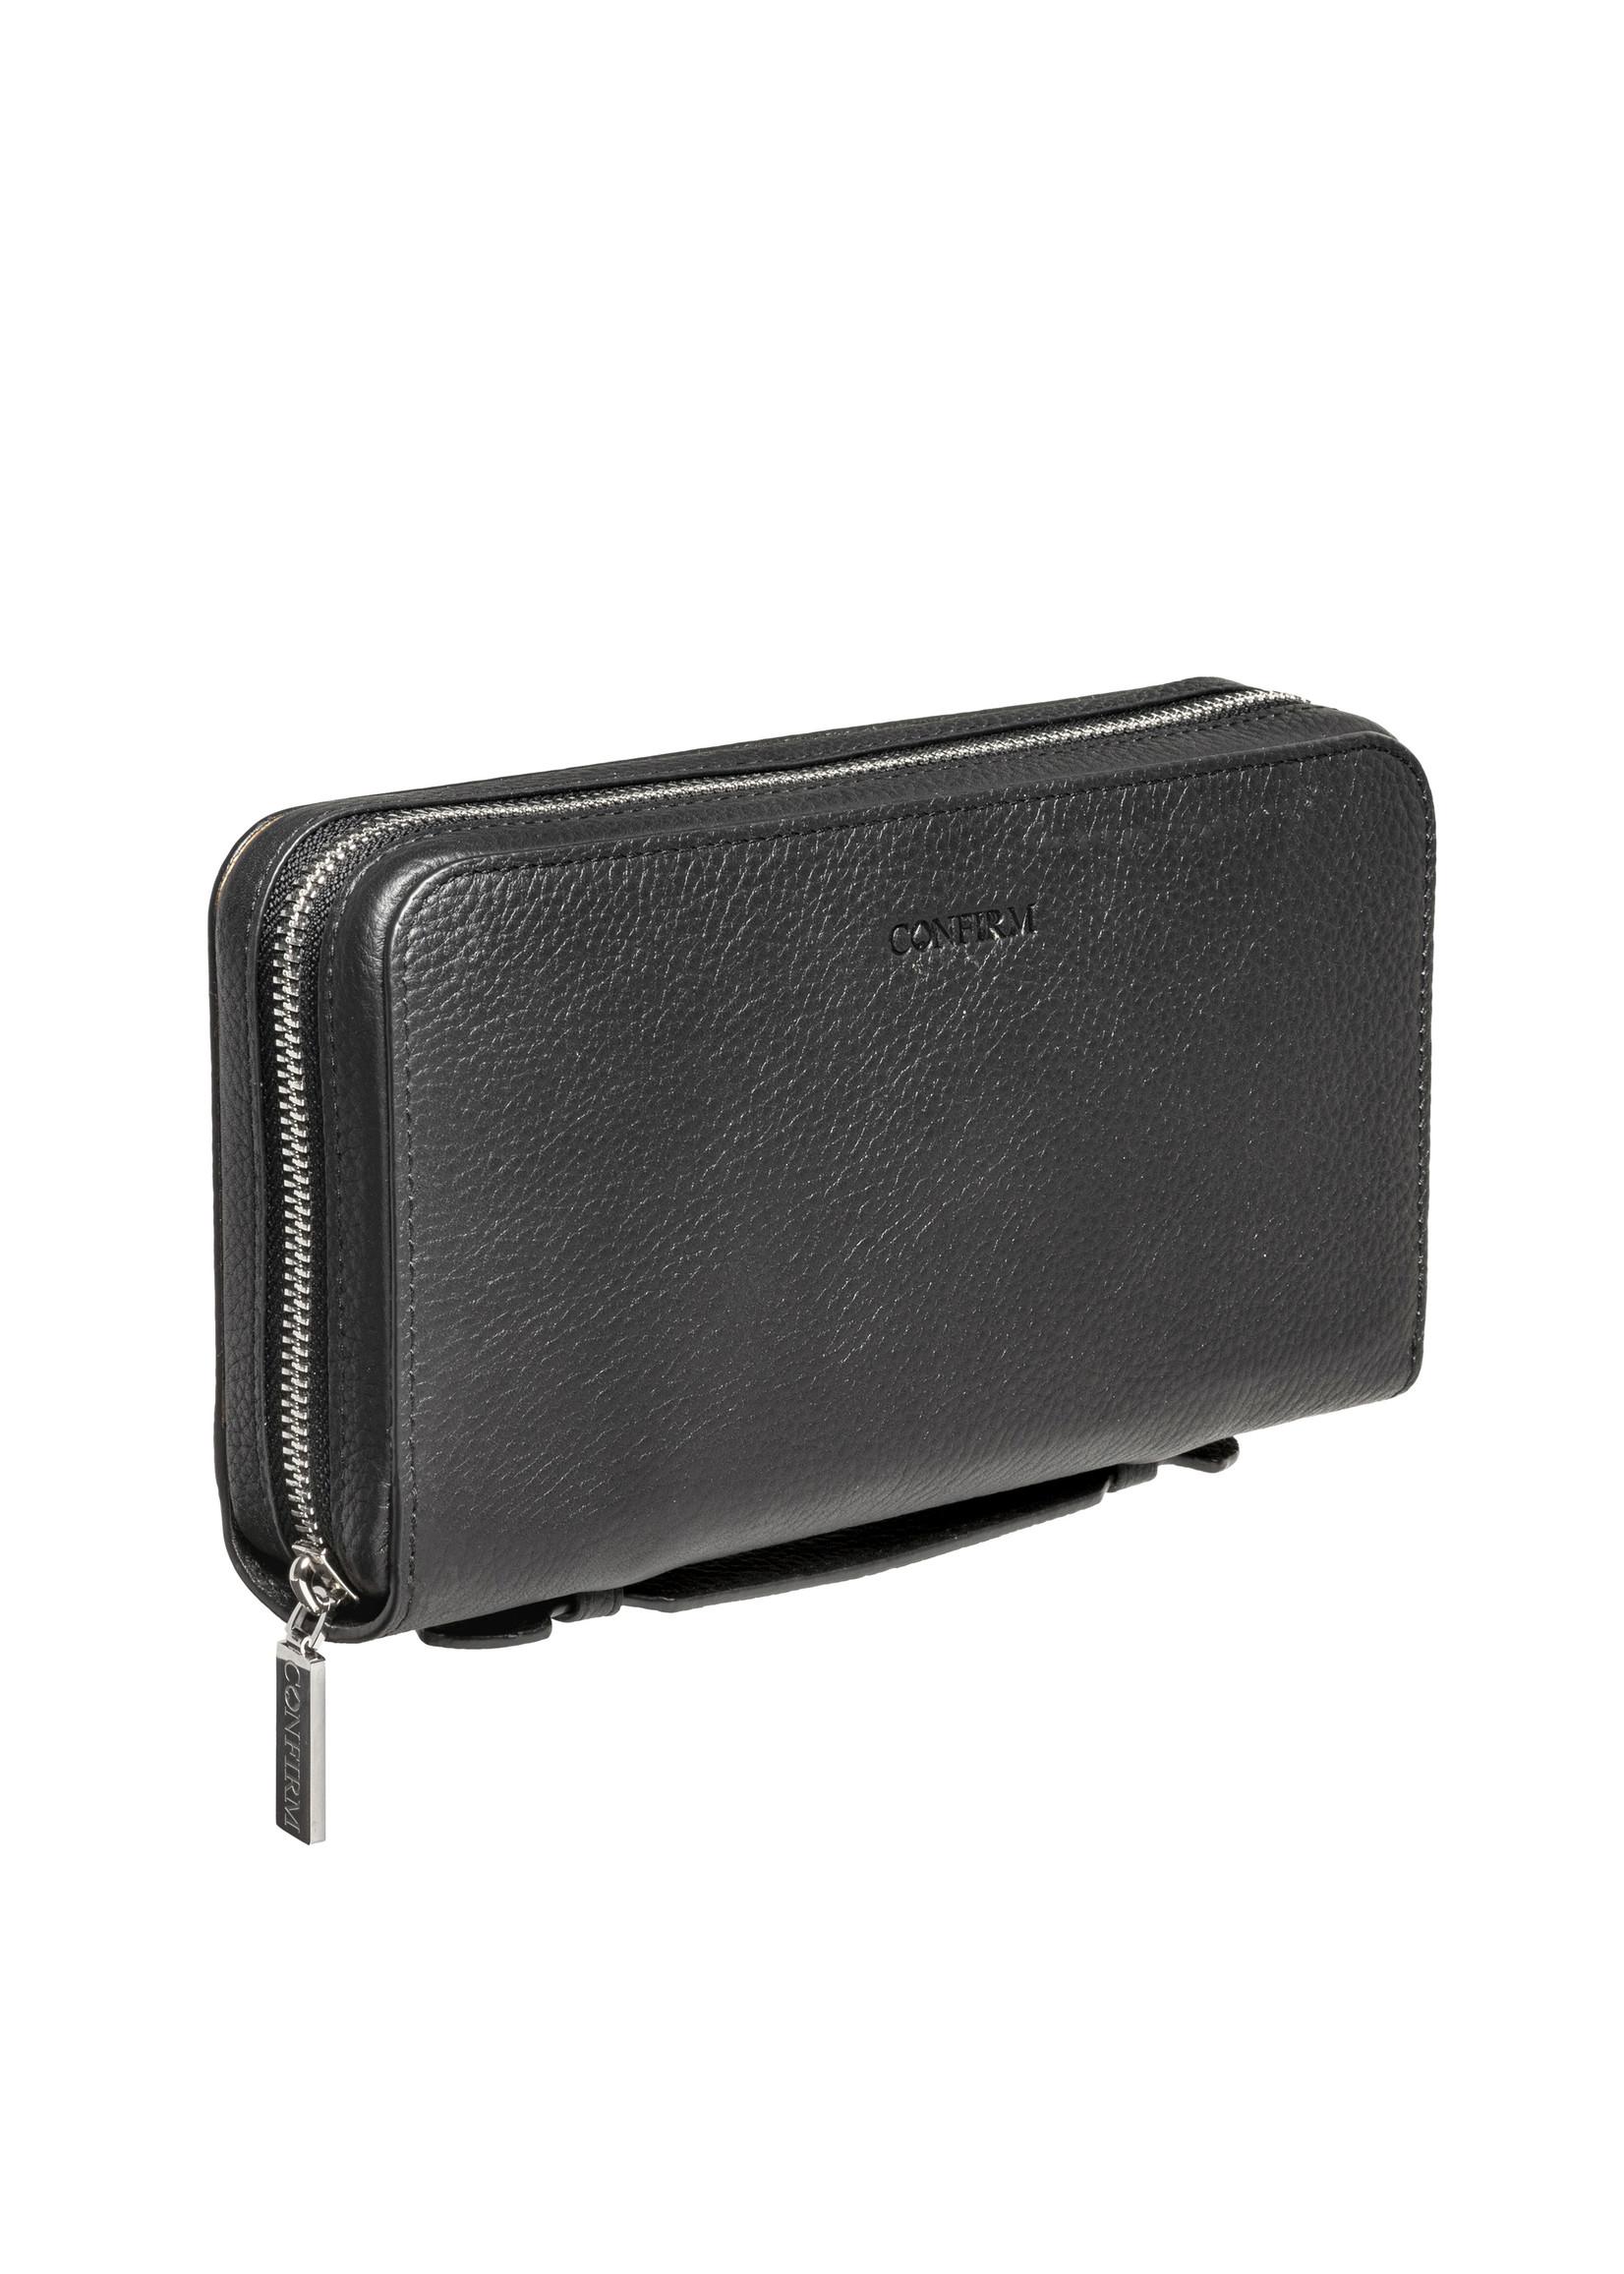 Confirm Wallet XL bag  - monaco